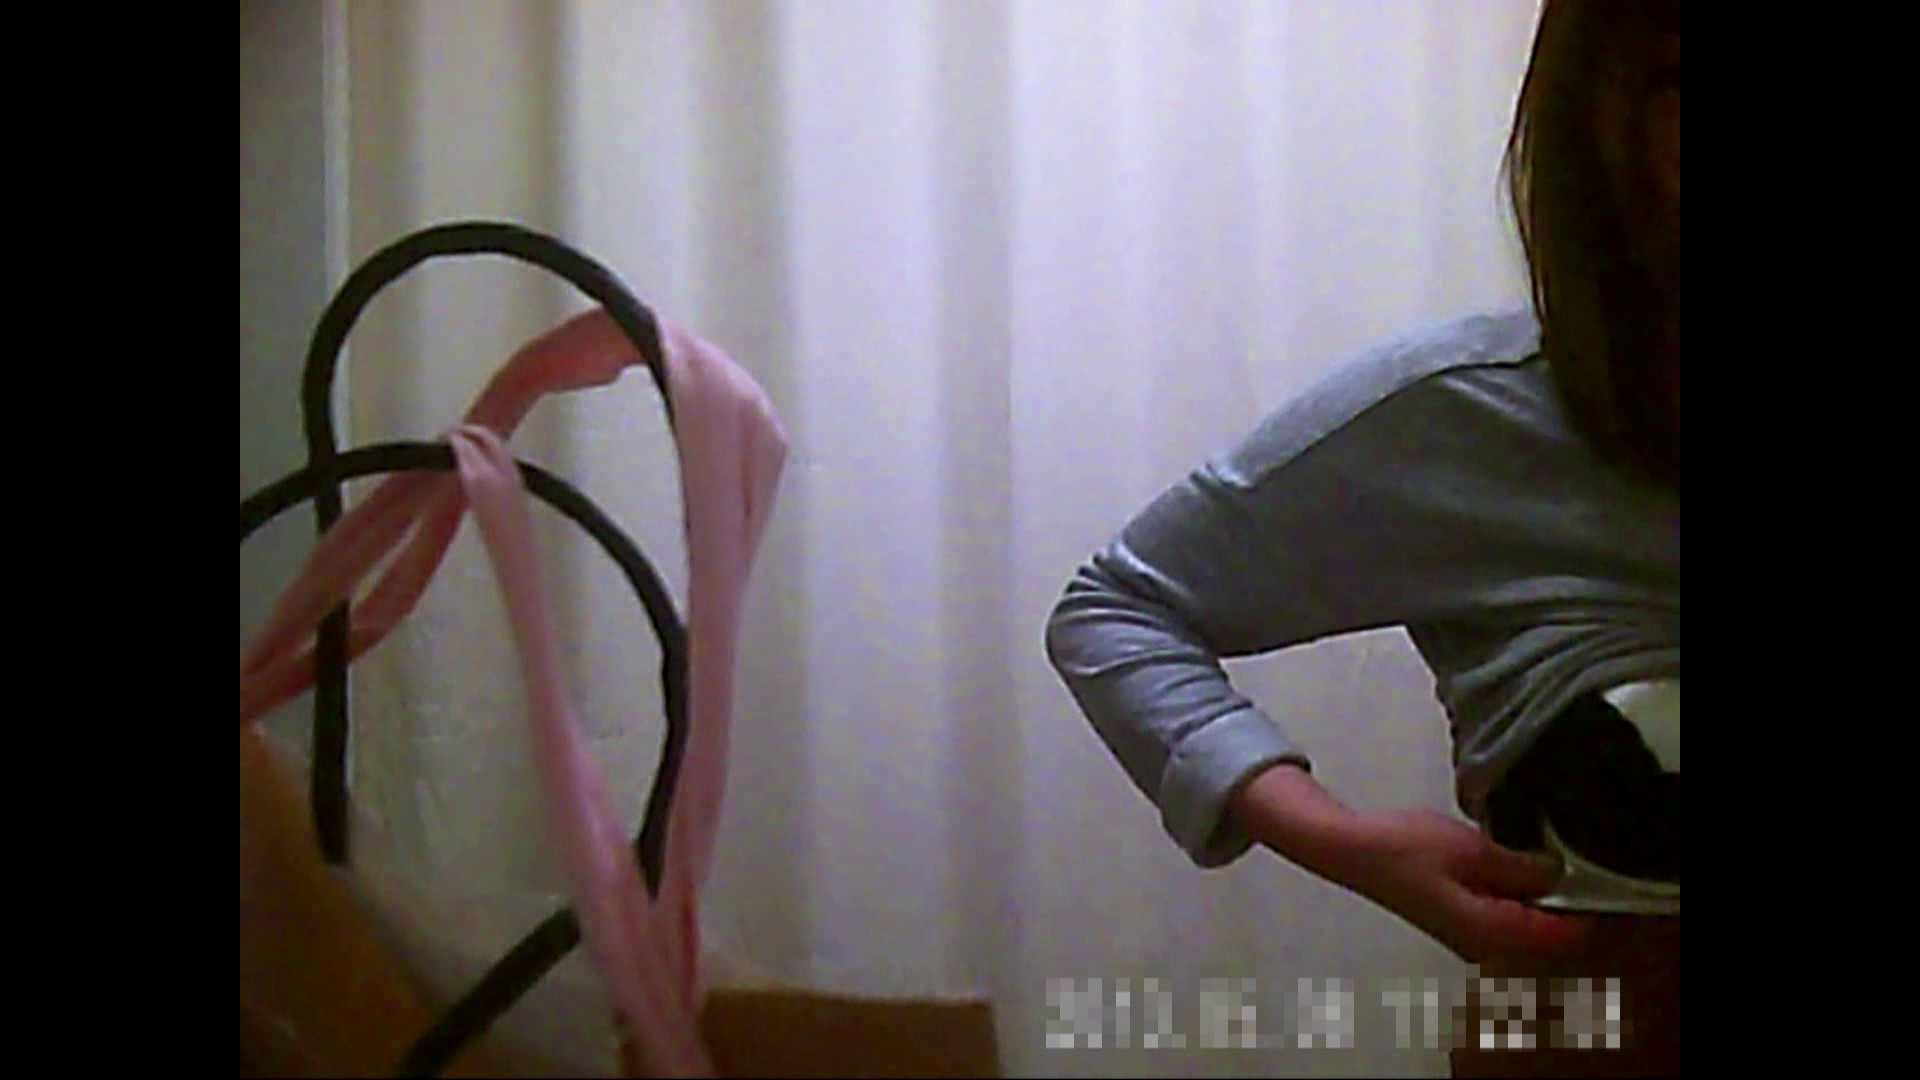 病院おもいっきり着替え! vol.208 OLセックス 盗撮オメコ無修正動画無料 91画像 16